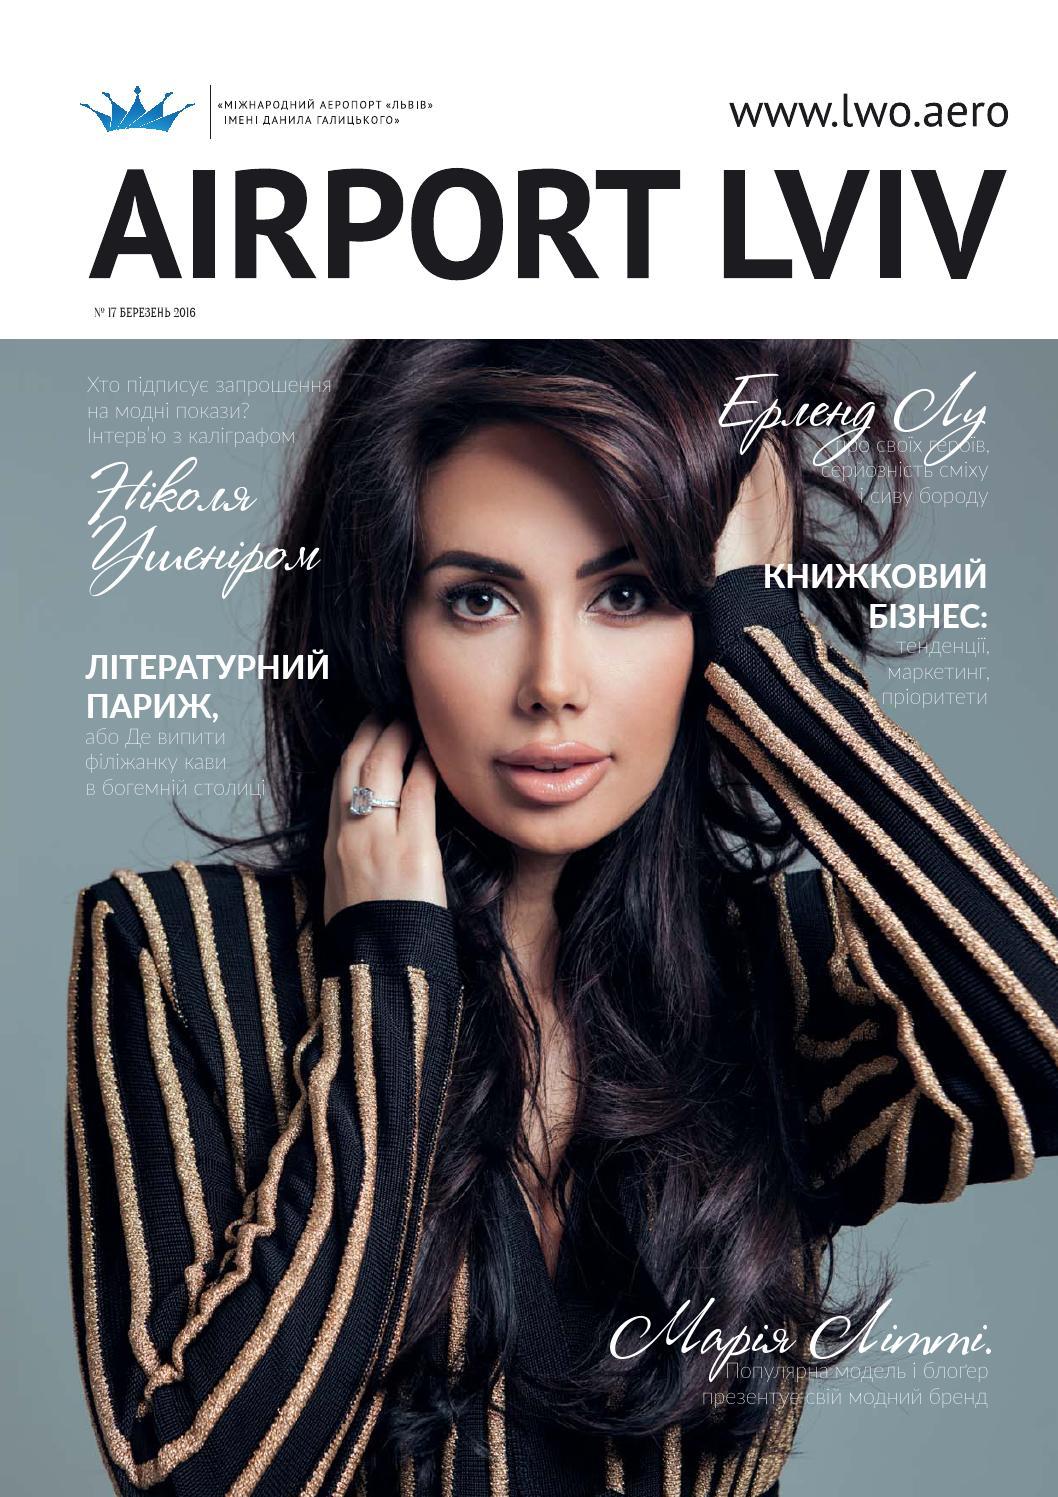 Airport lviv 03 16 by AIR MAGAZINE LVIV - issuu de7dae2b3c70e